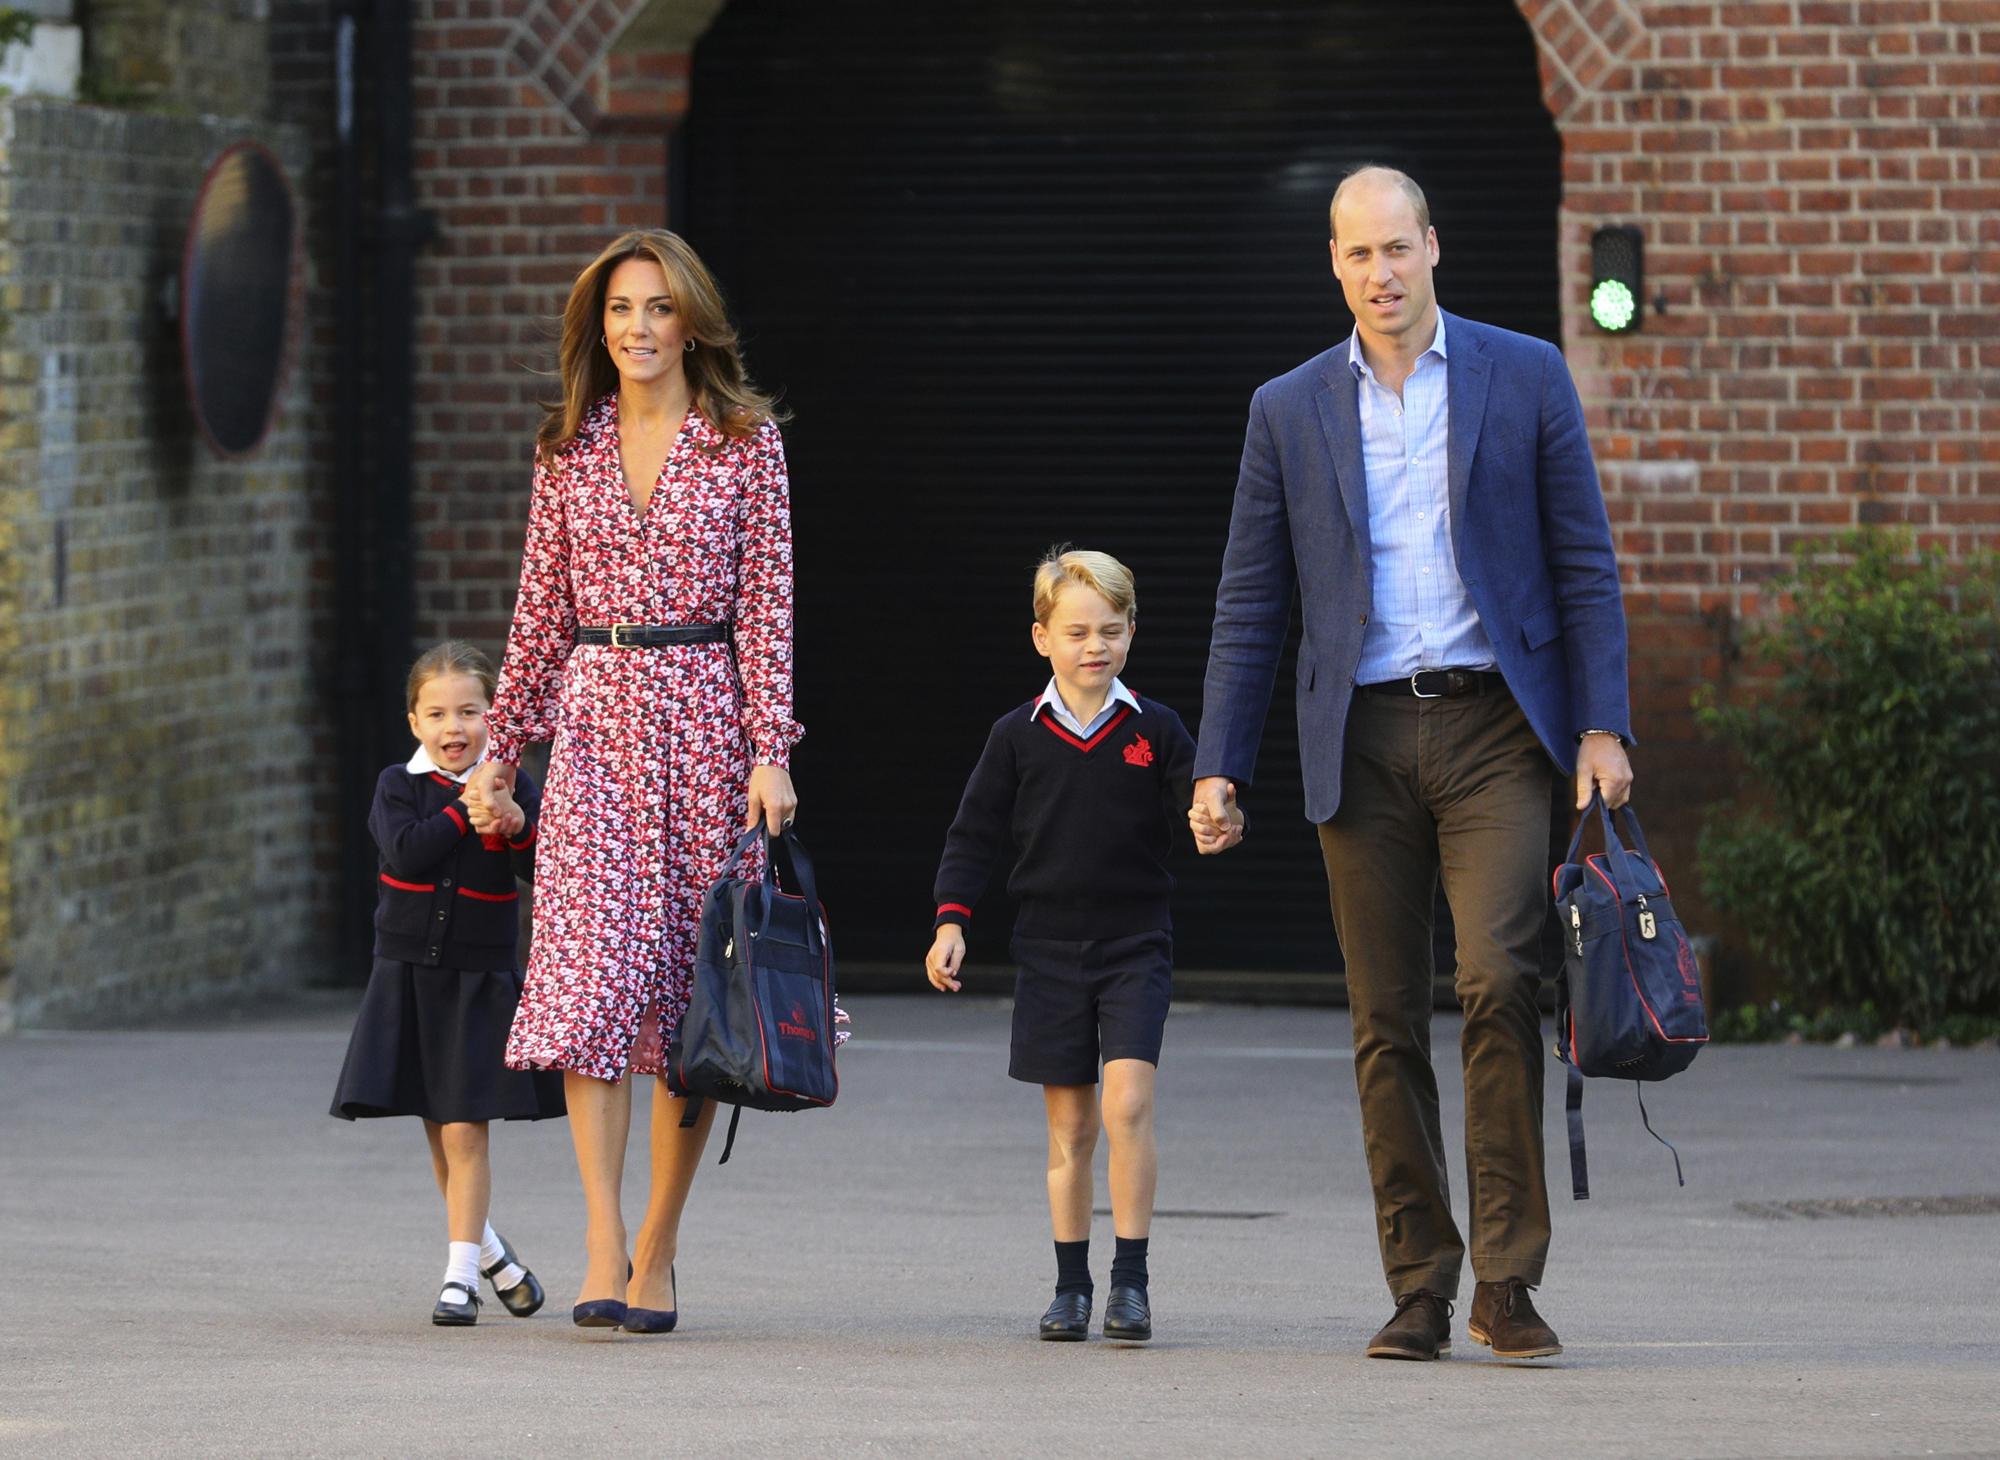 اطلالات أنيقة وناعمة للعائلة المالكة